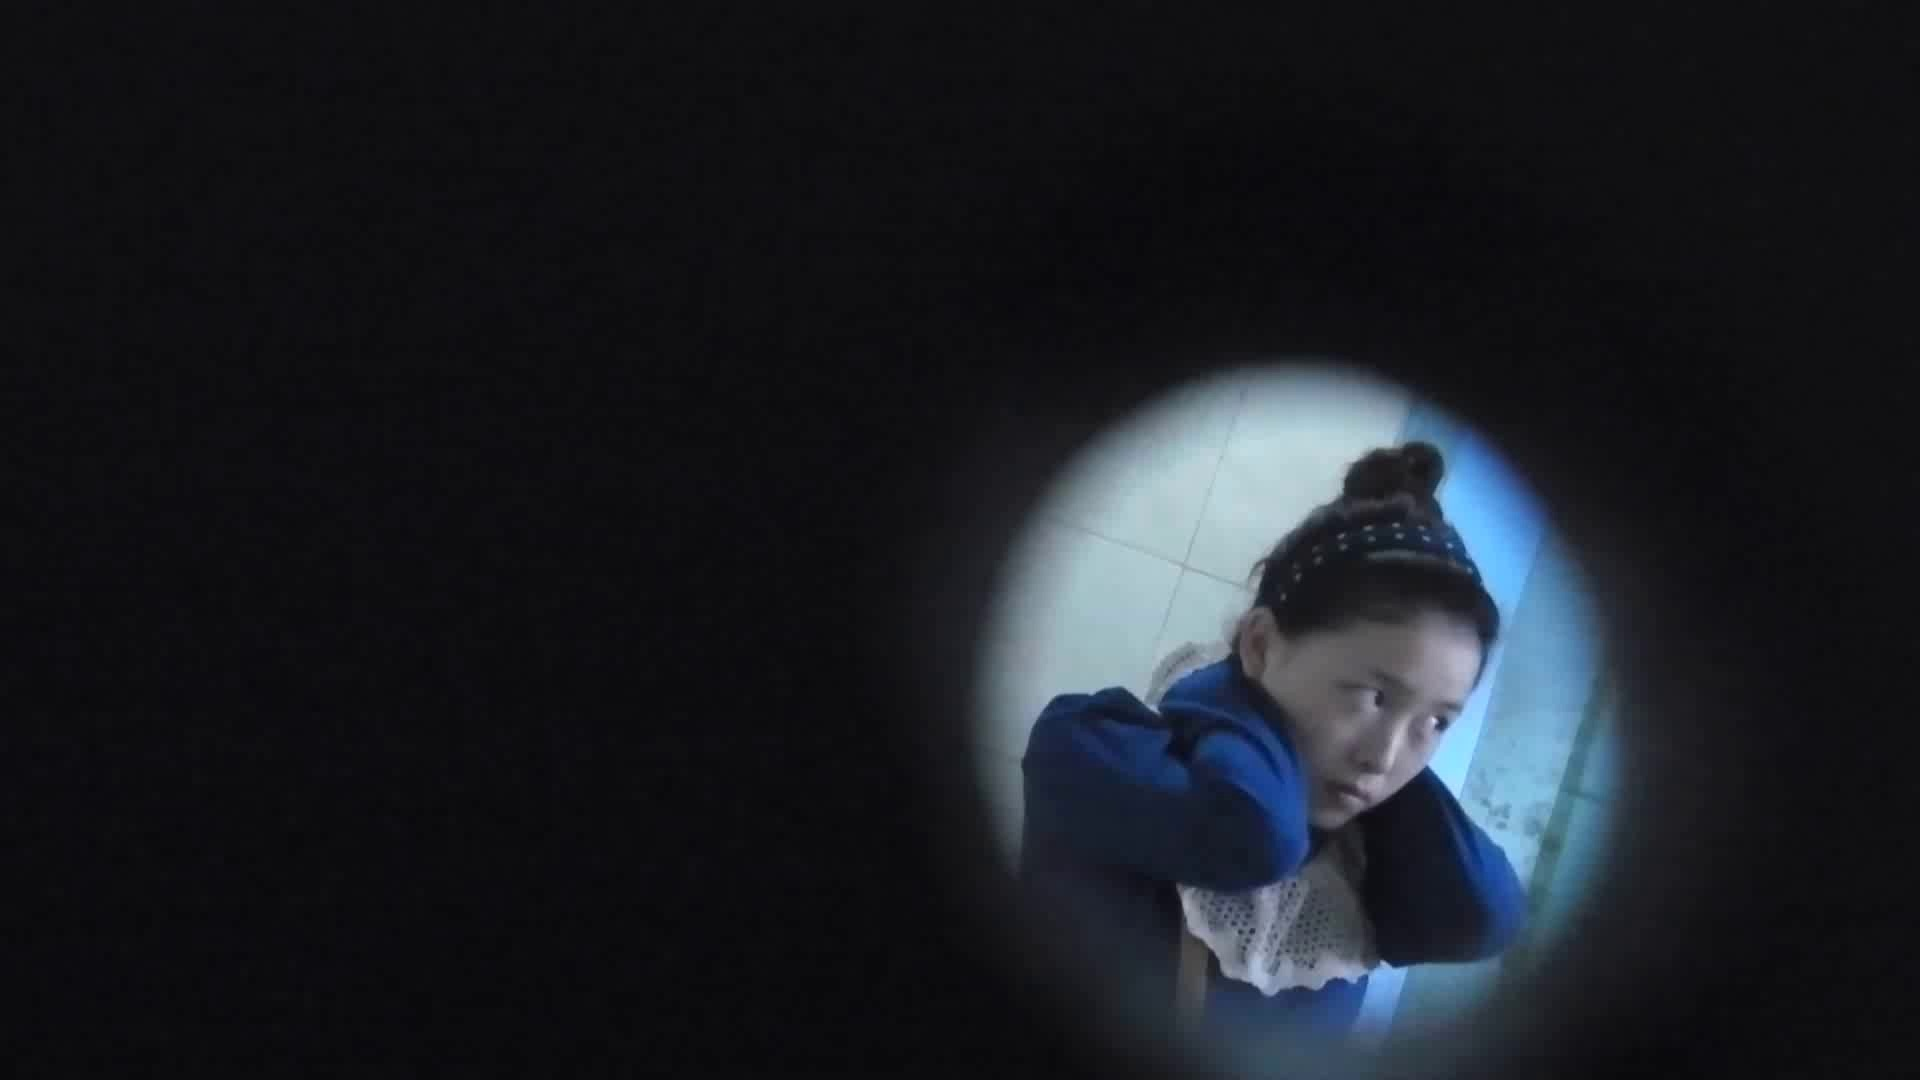 世界の射窓から ステーション編 vol.16 高画質 濡れ場動画紹介 108枚 86